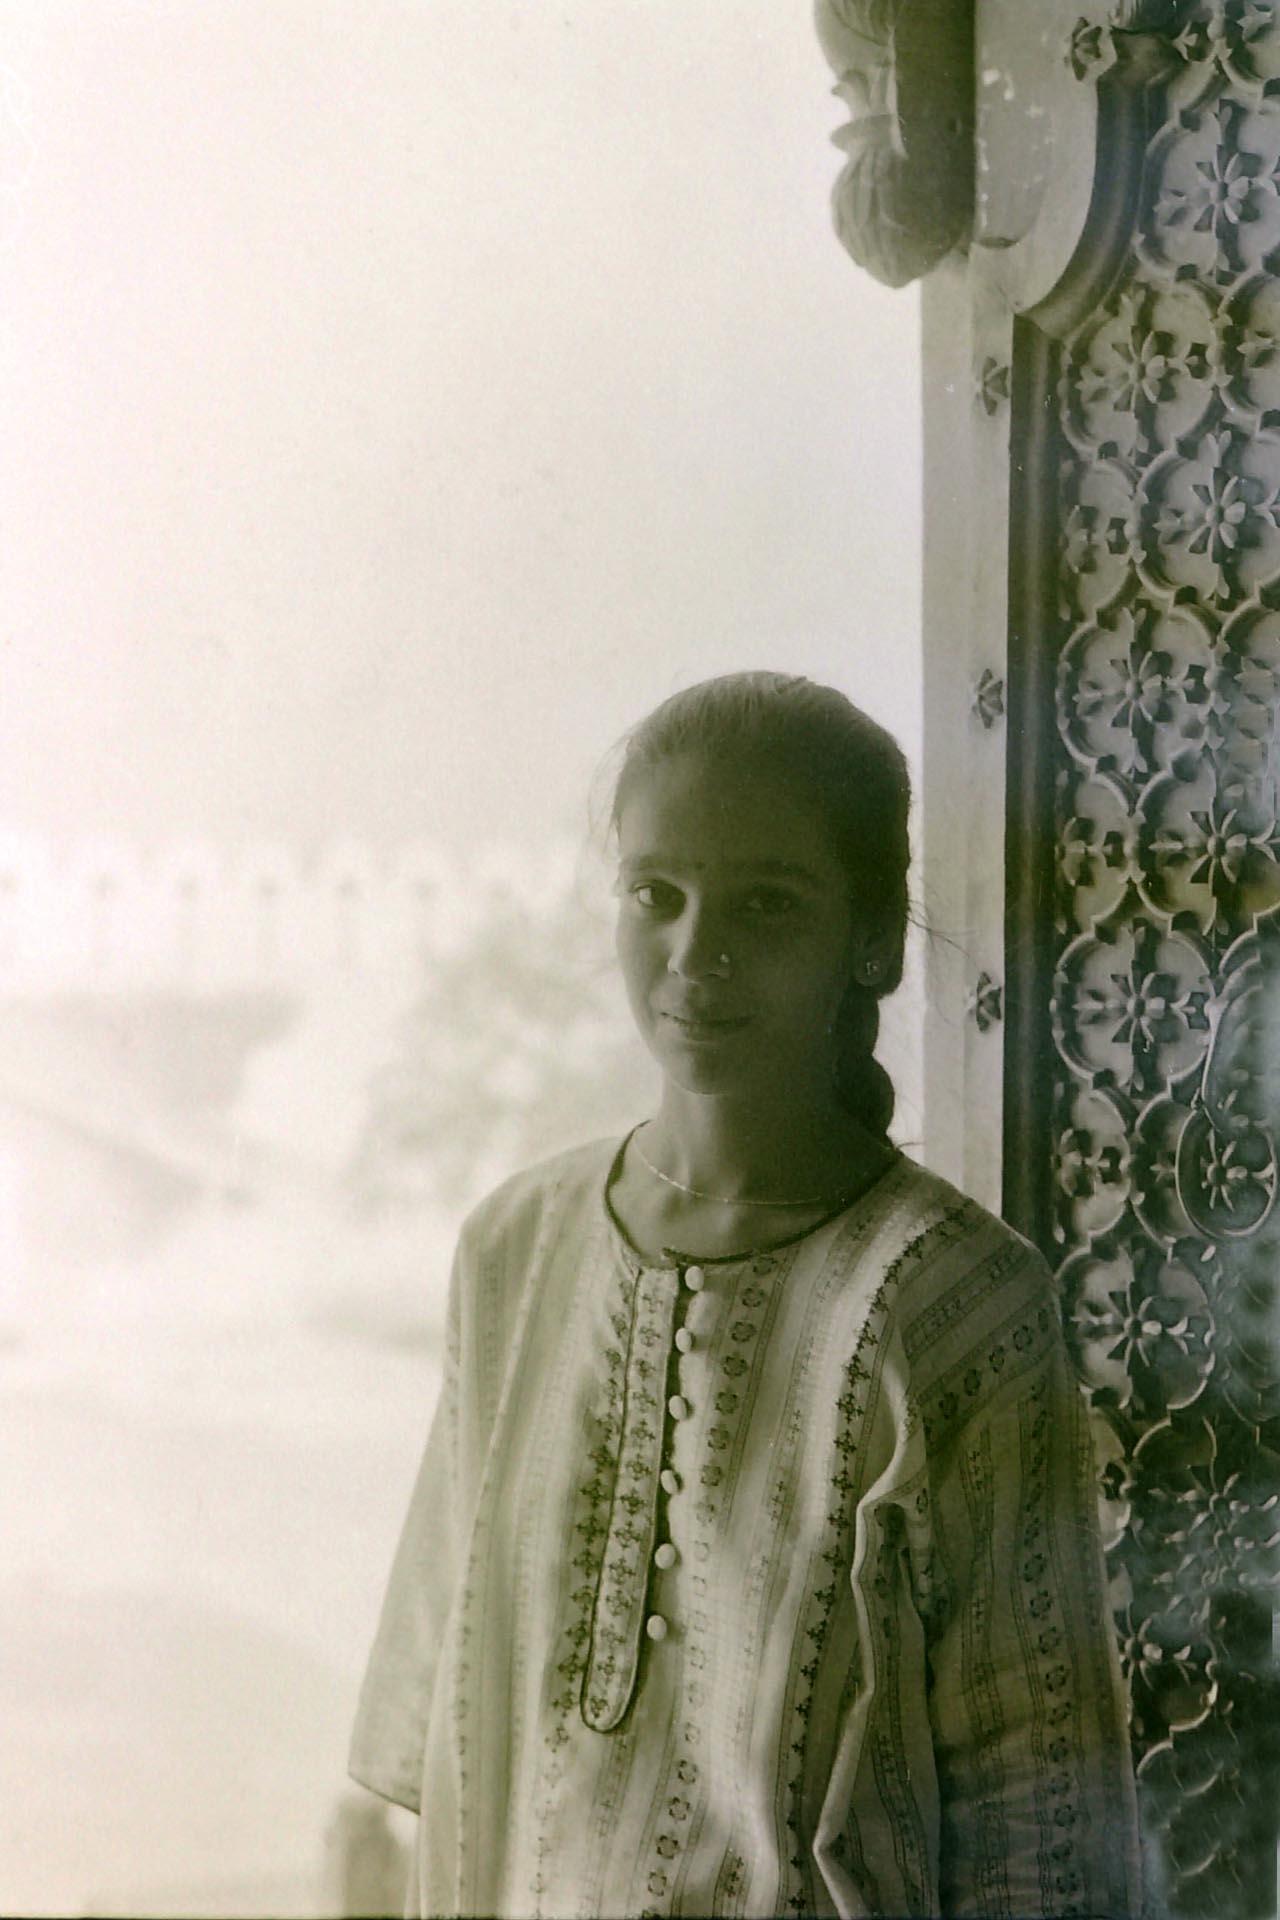 Ragazza indiana sulla porta del tempio di jaipur,1990